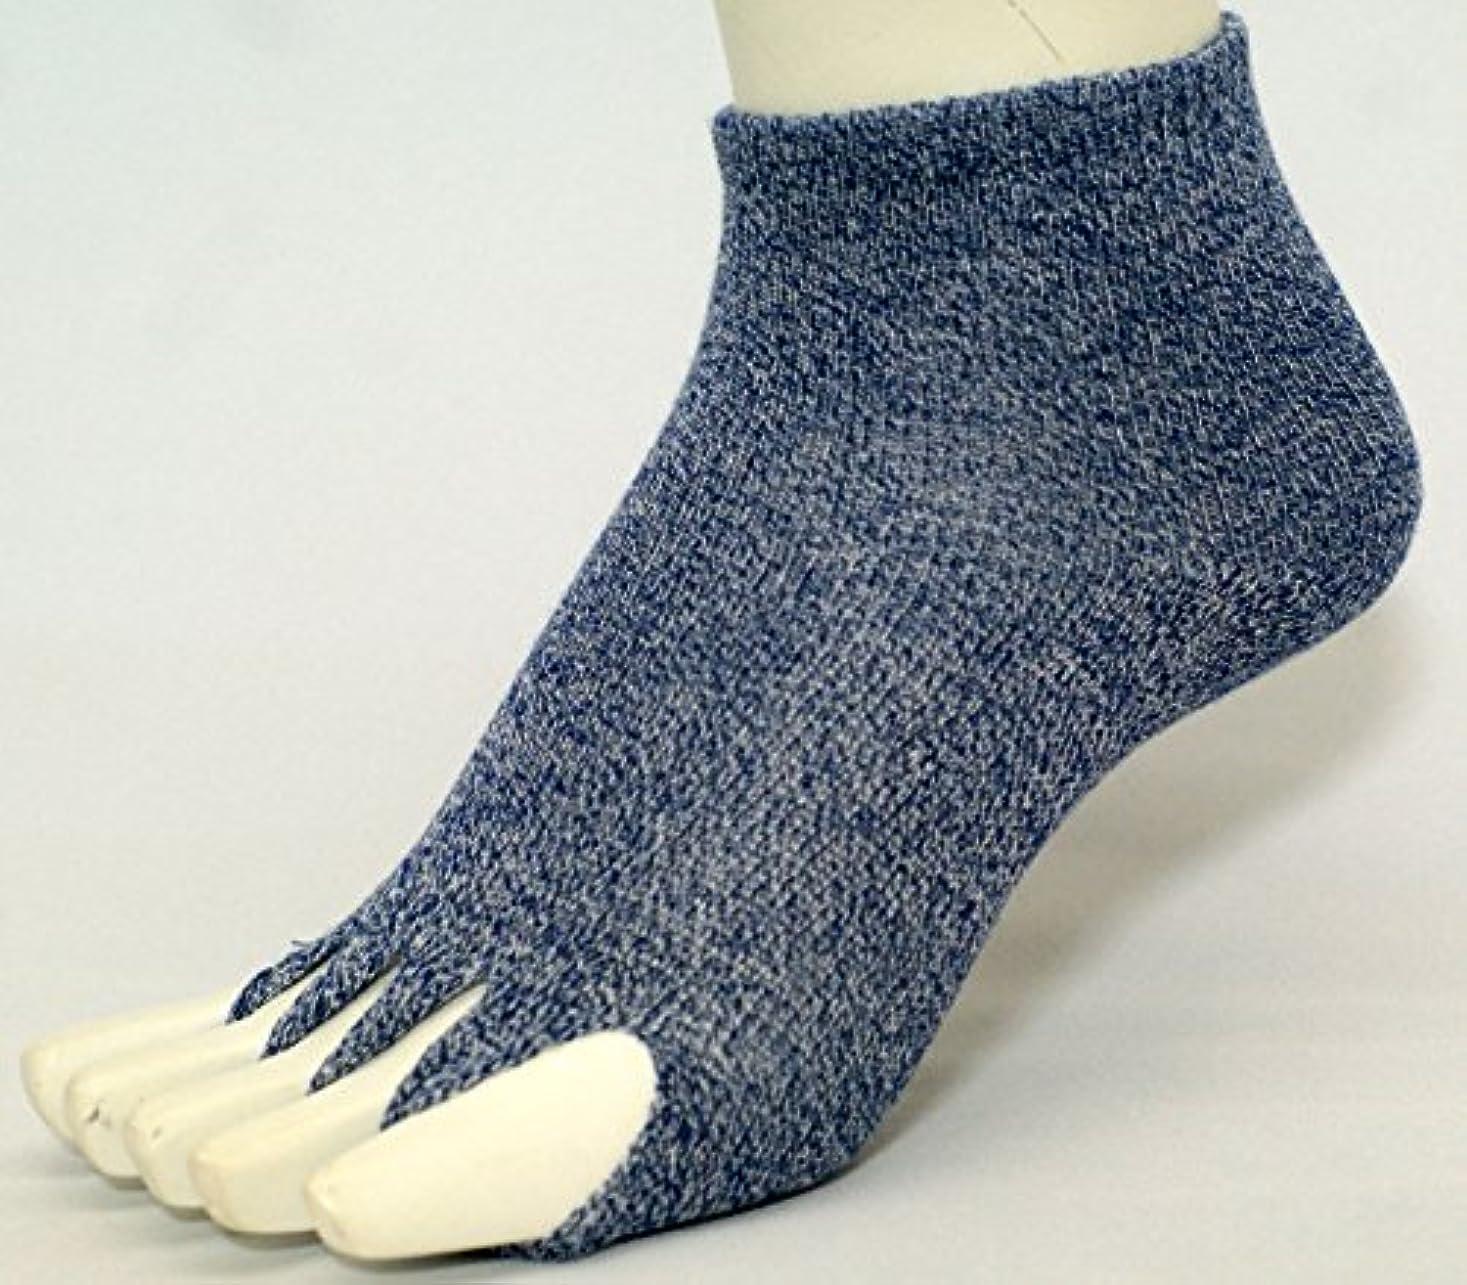 偽善キャリッジ枯れる指なし健康ソックス8色 4サイズ  冷え性?足のむくみ対策に 竹繊維の入った?  (25cm~27cm, 紺色)